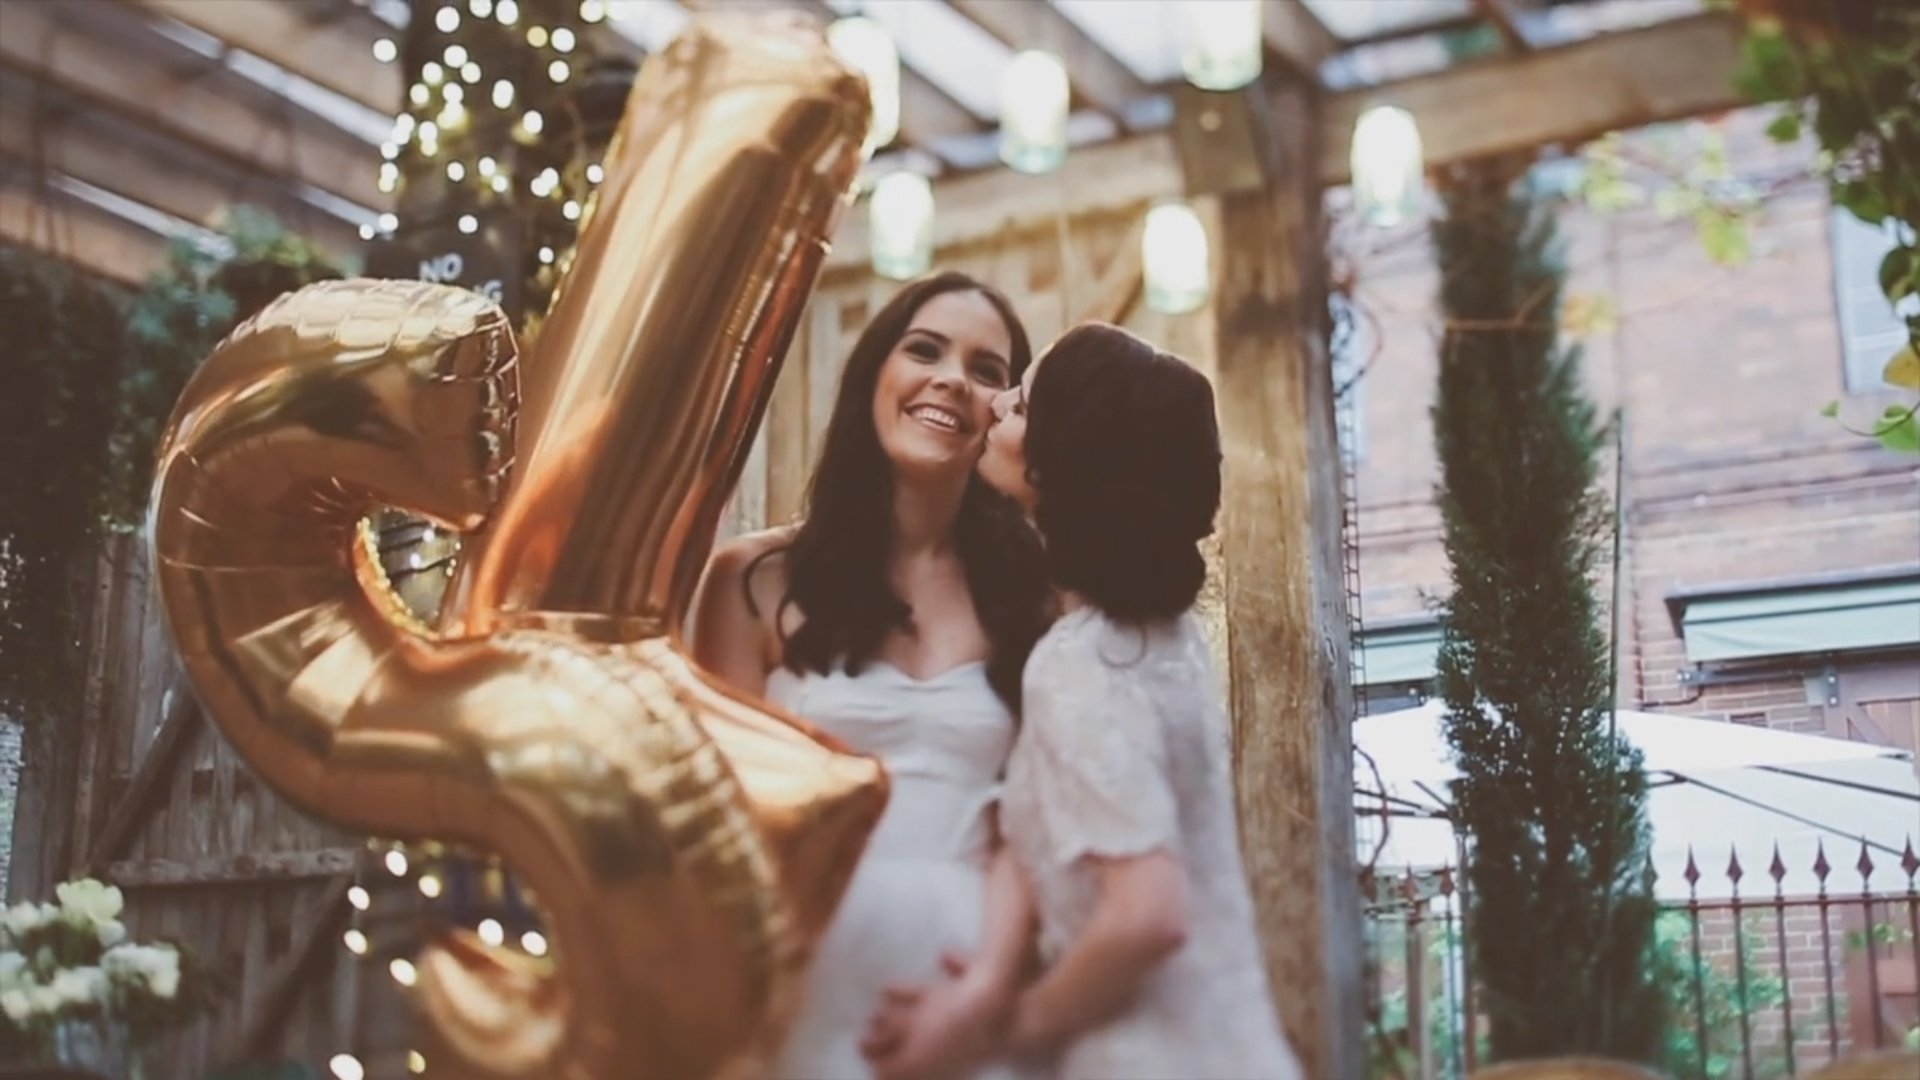 Découvrez la splendide vidéo du mariage de Sara et Lee-Anne